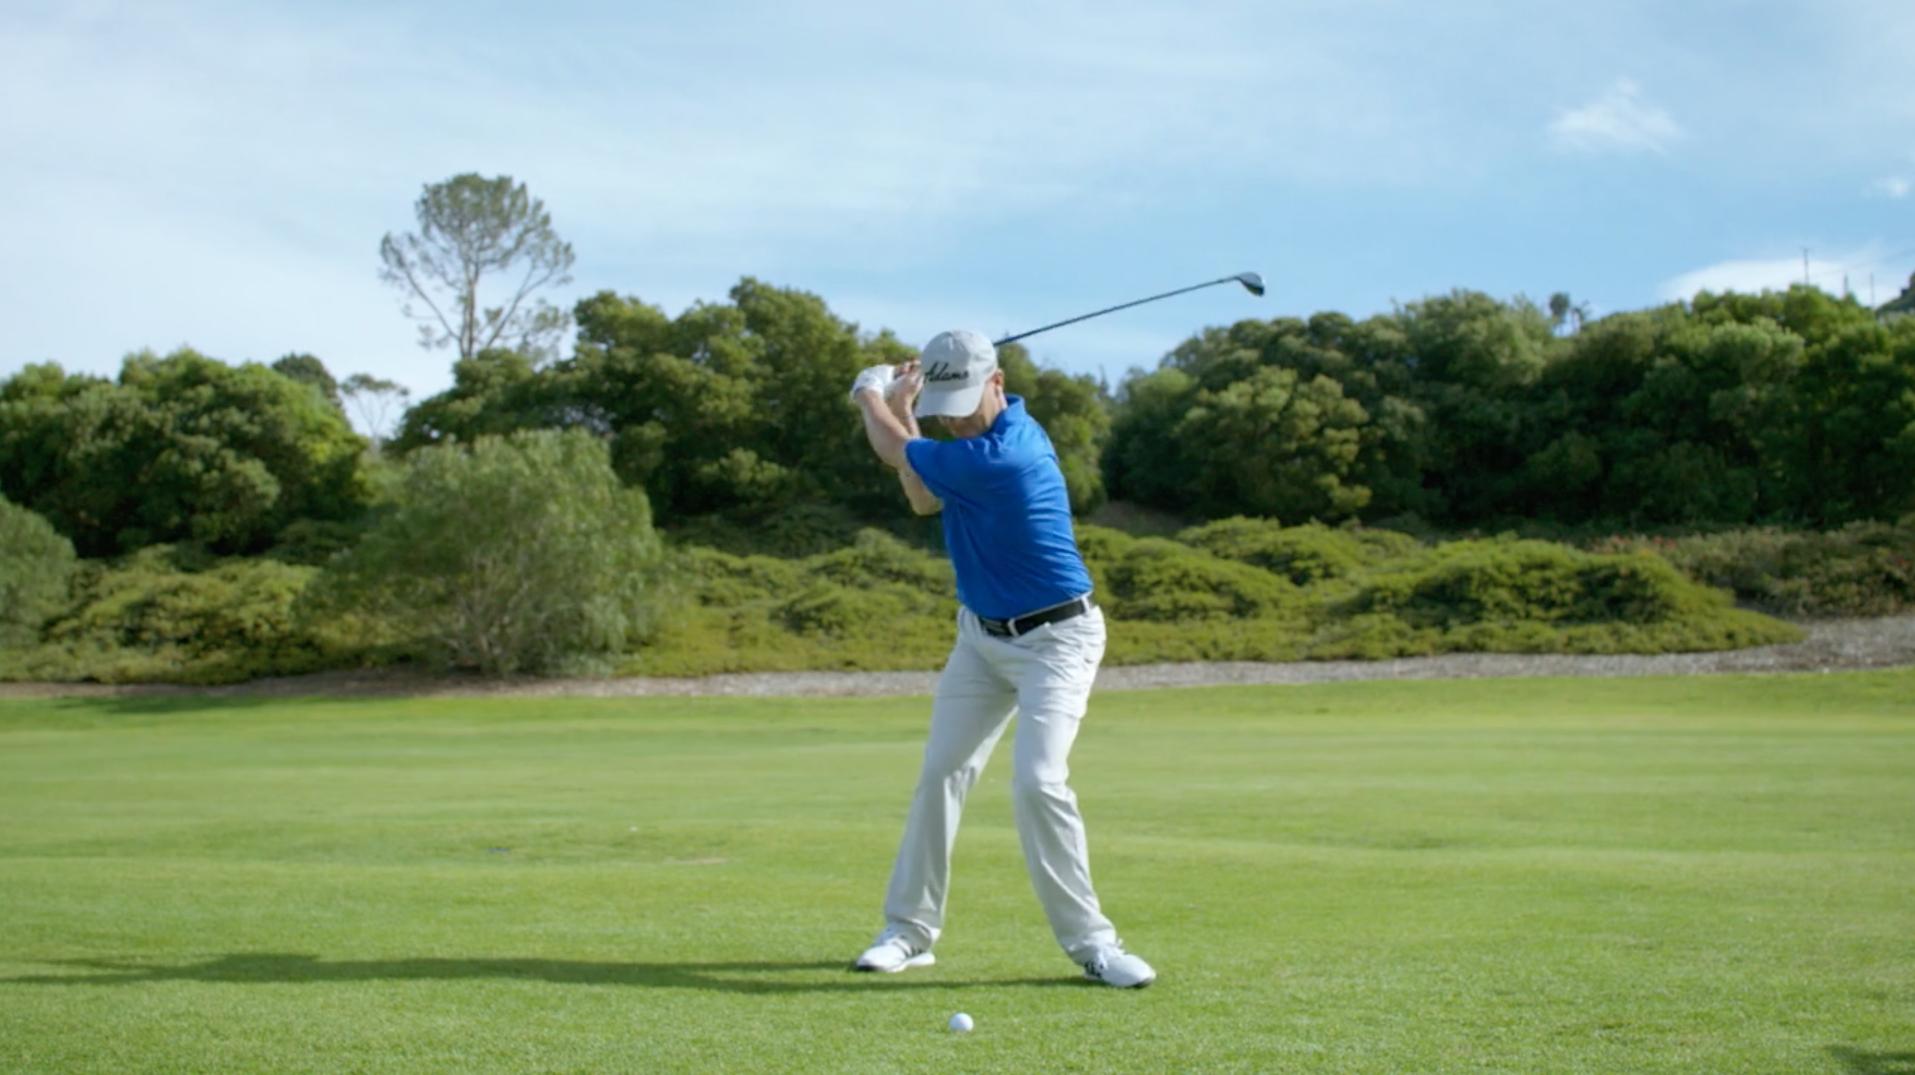 Adam's Golf